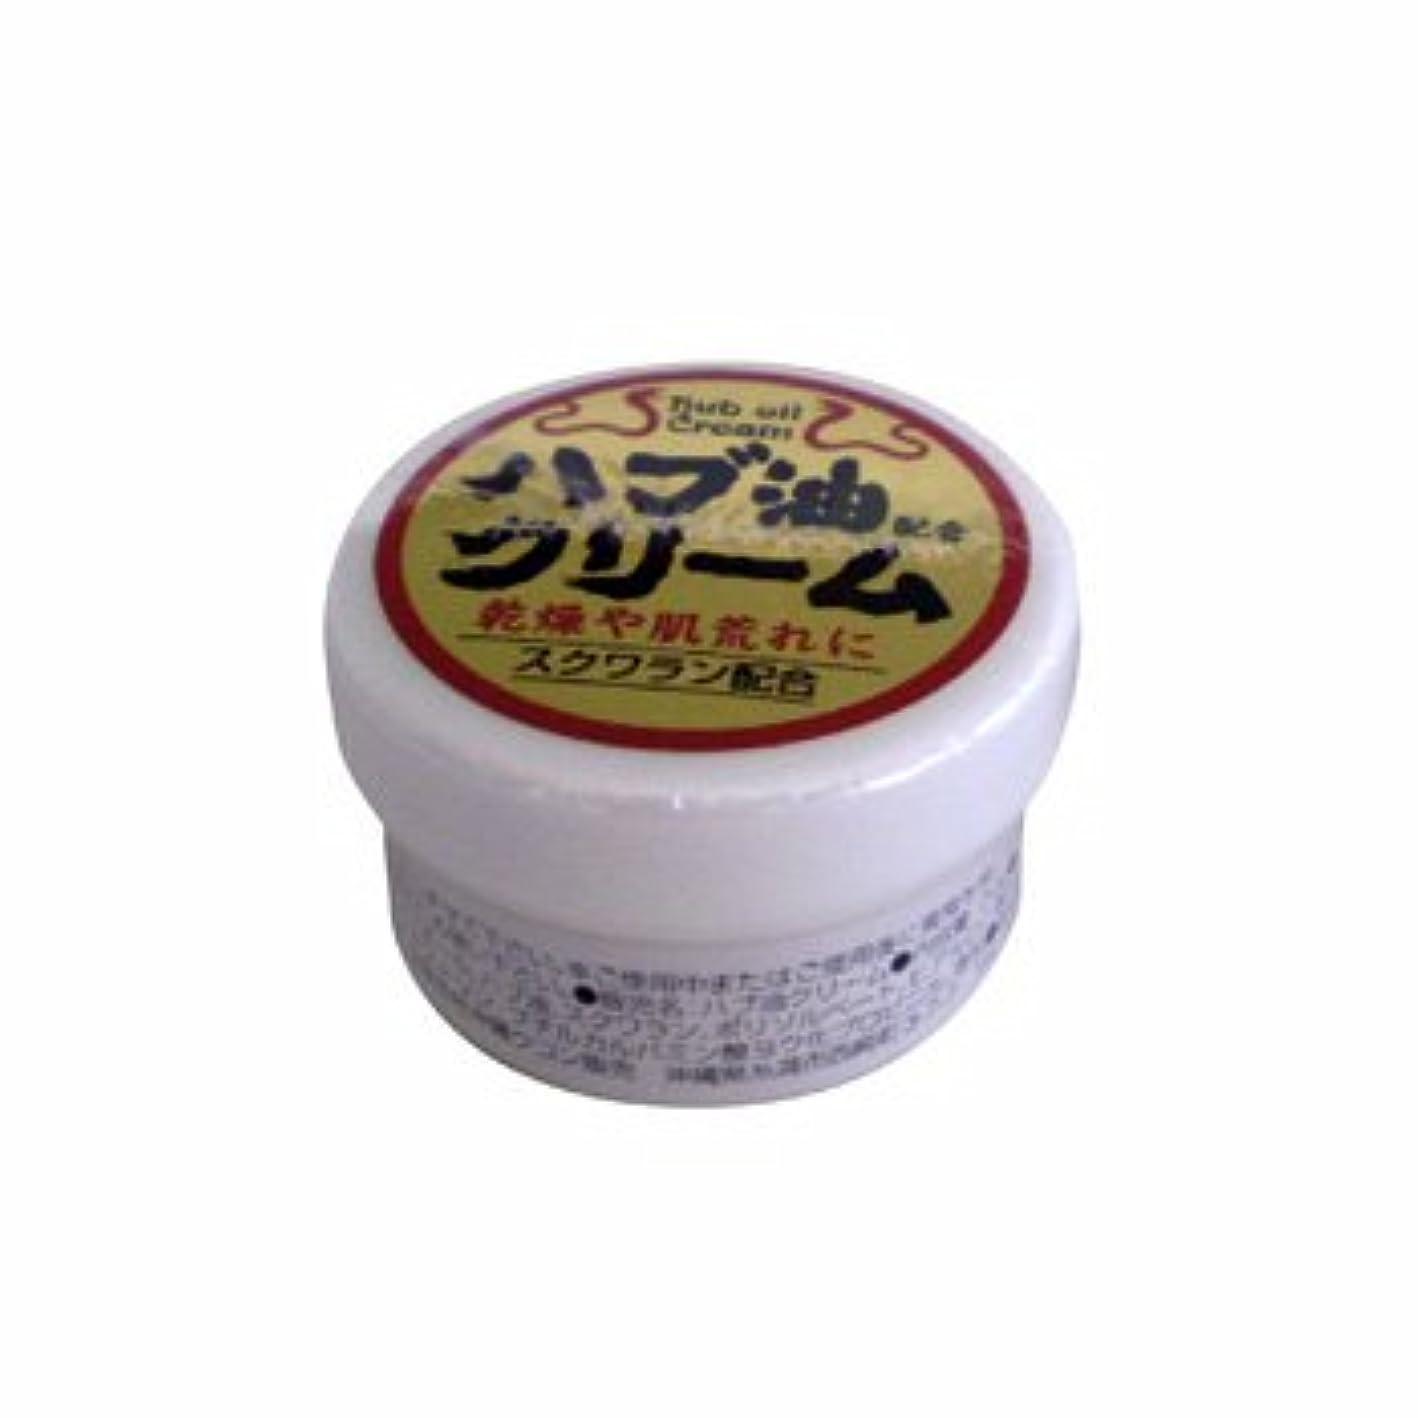 移行フレア化粧ハブ油配合クリーム 1個【1個?20g】